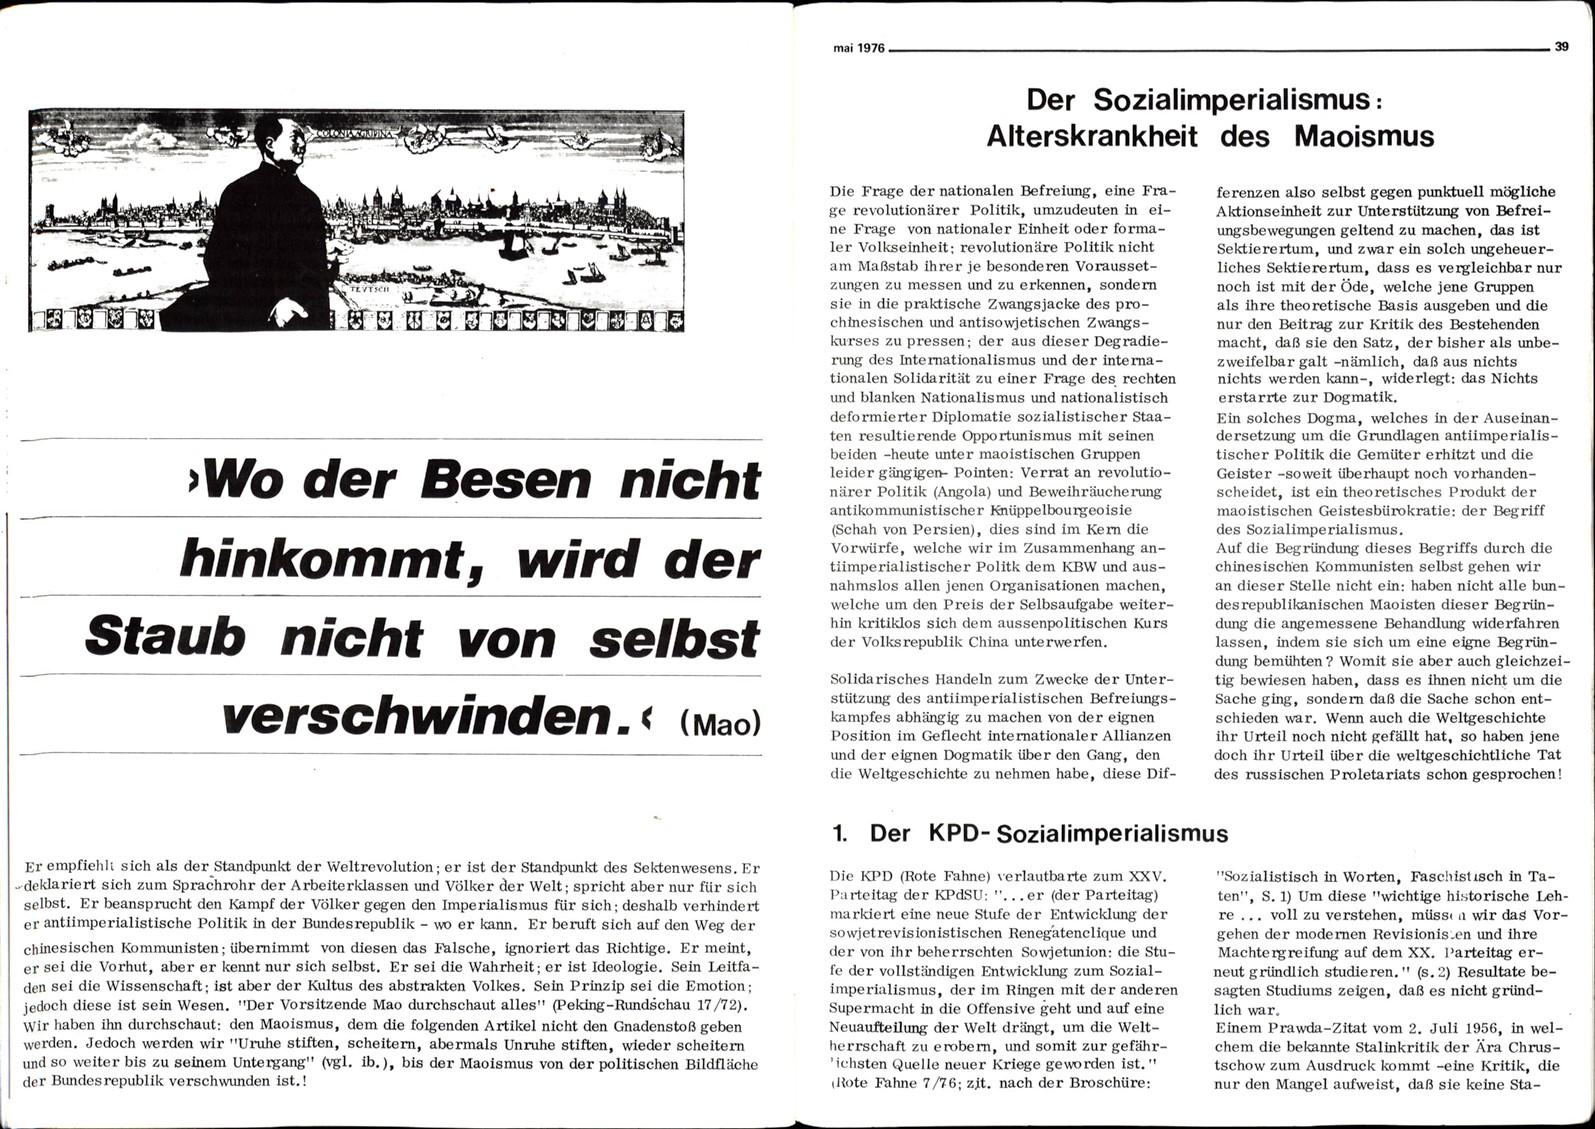 Bonn_ZAFRA_01_19760500_20